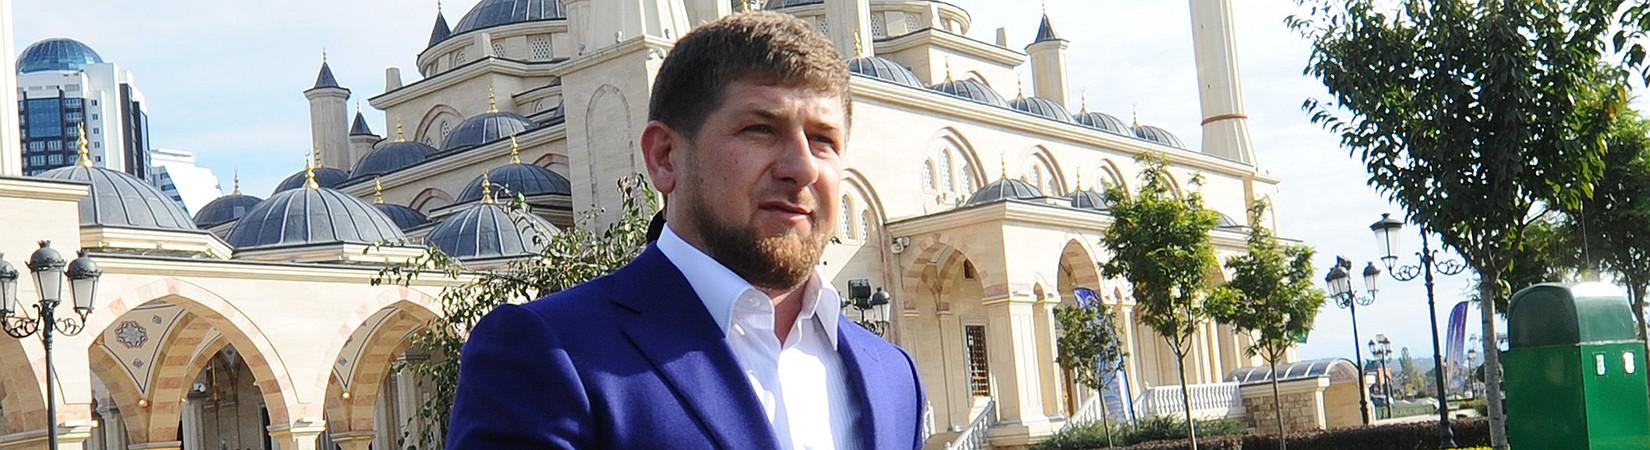 Chechenia: Una nueva división en el islam